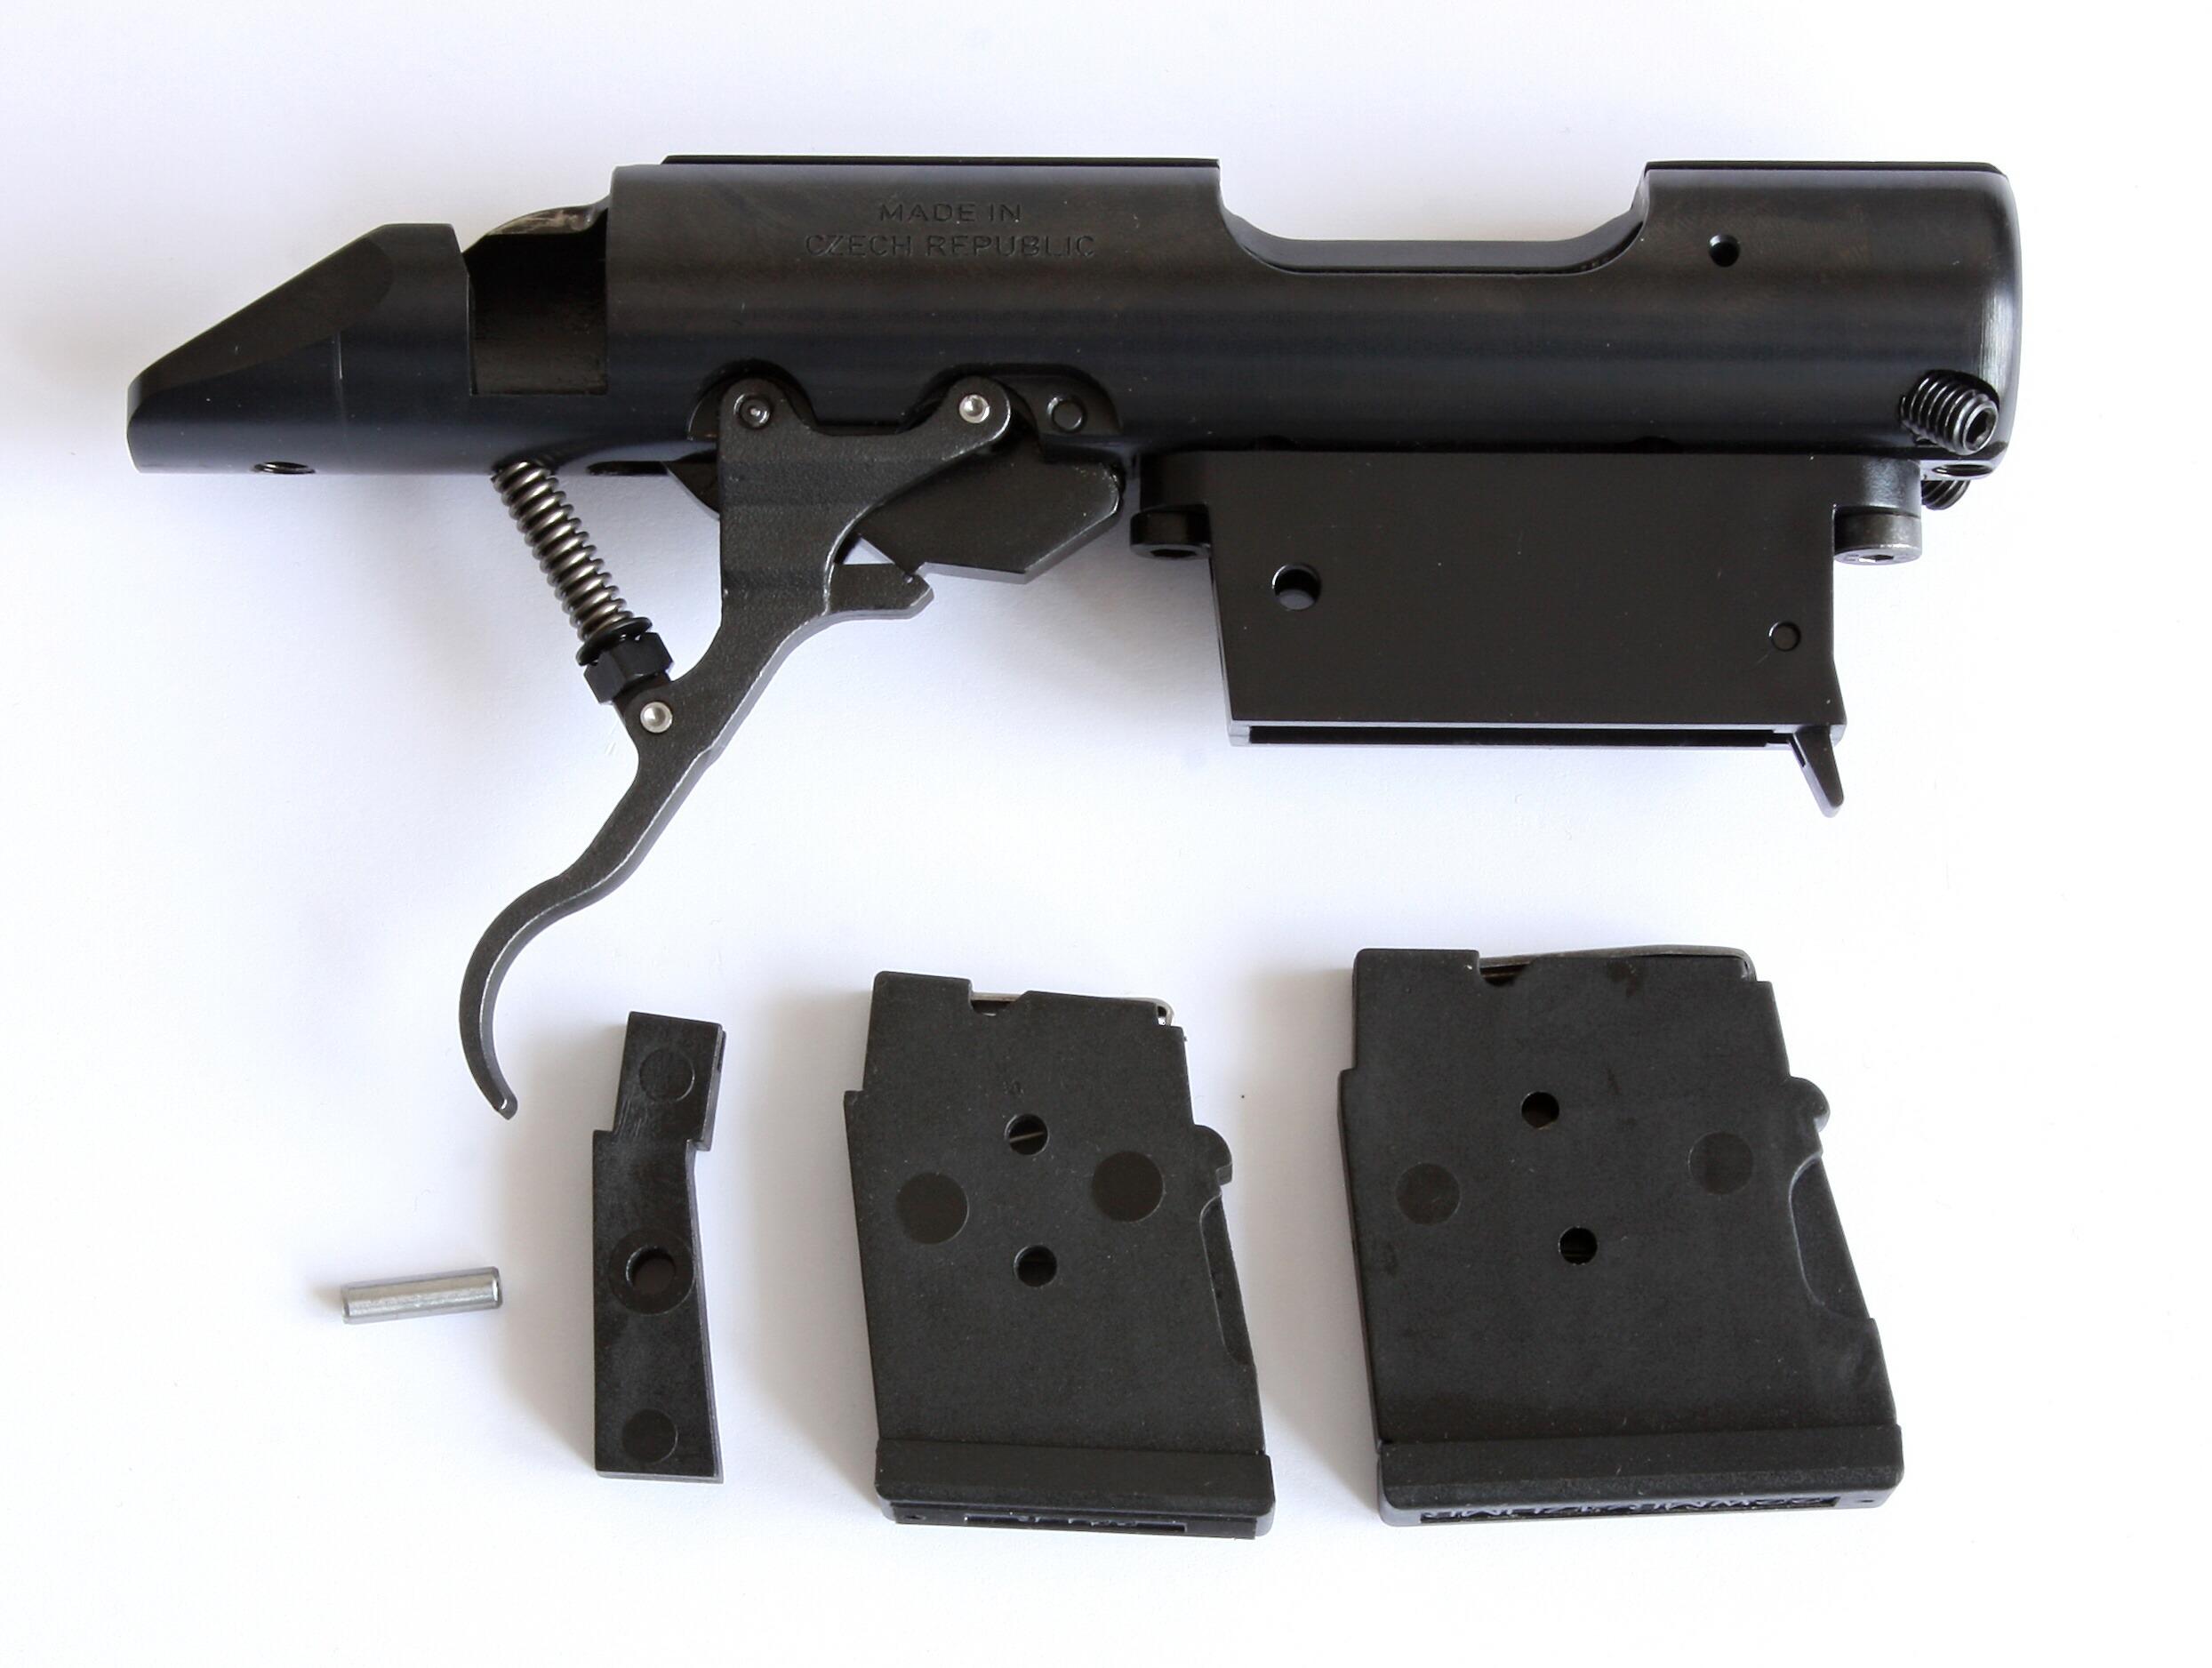 Pouzdro závěru se zásobníky ráže 22 LR, 22 WMR/17 HMR a  vymezovacím segmentem se zajišťovacím čepem